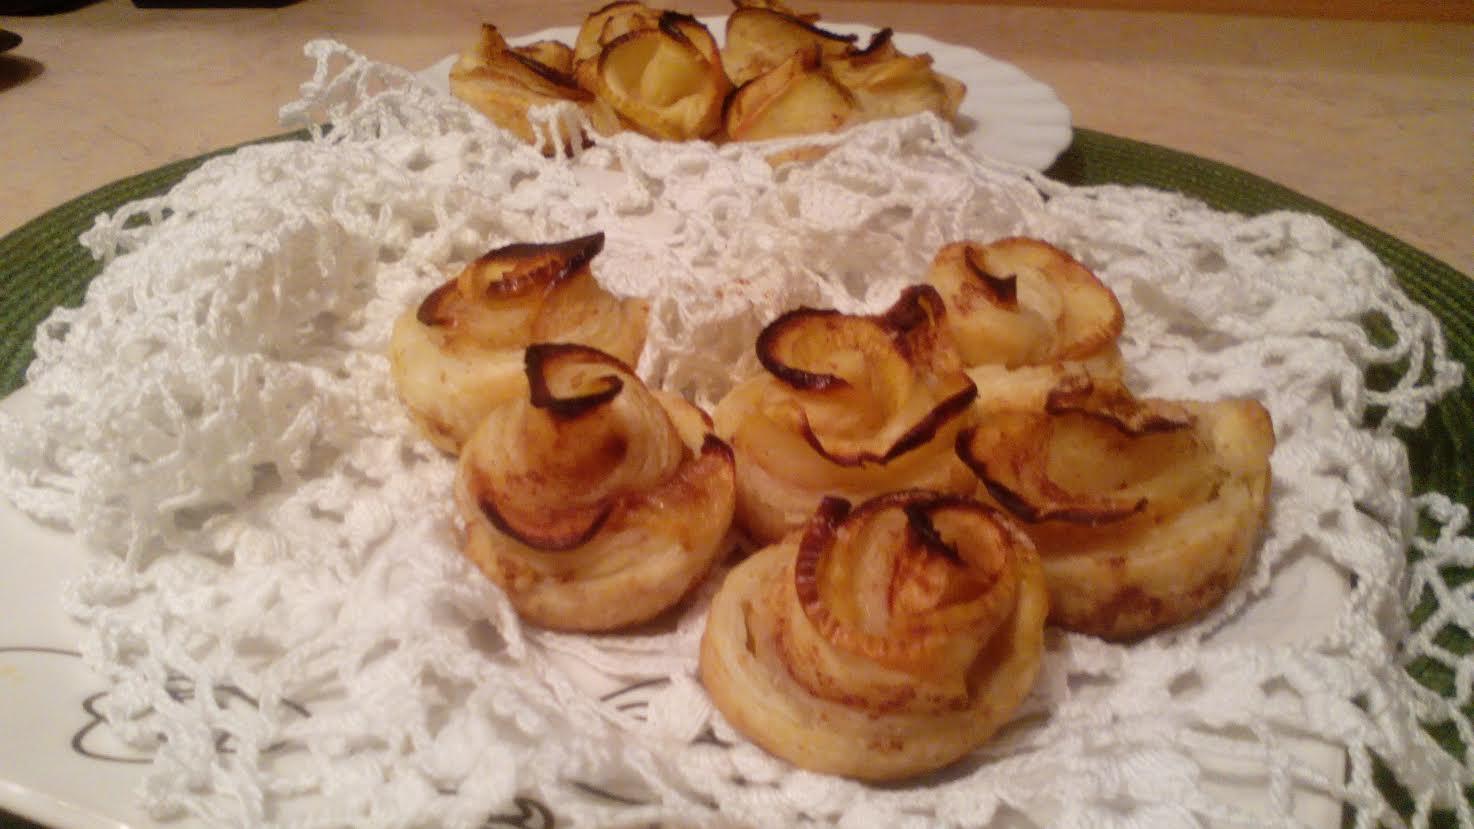 Róże z ciasta francuskiego z cynamonem i jabłkiem